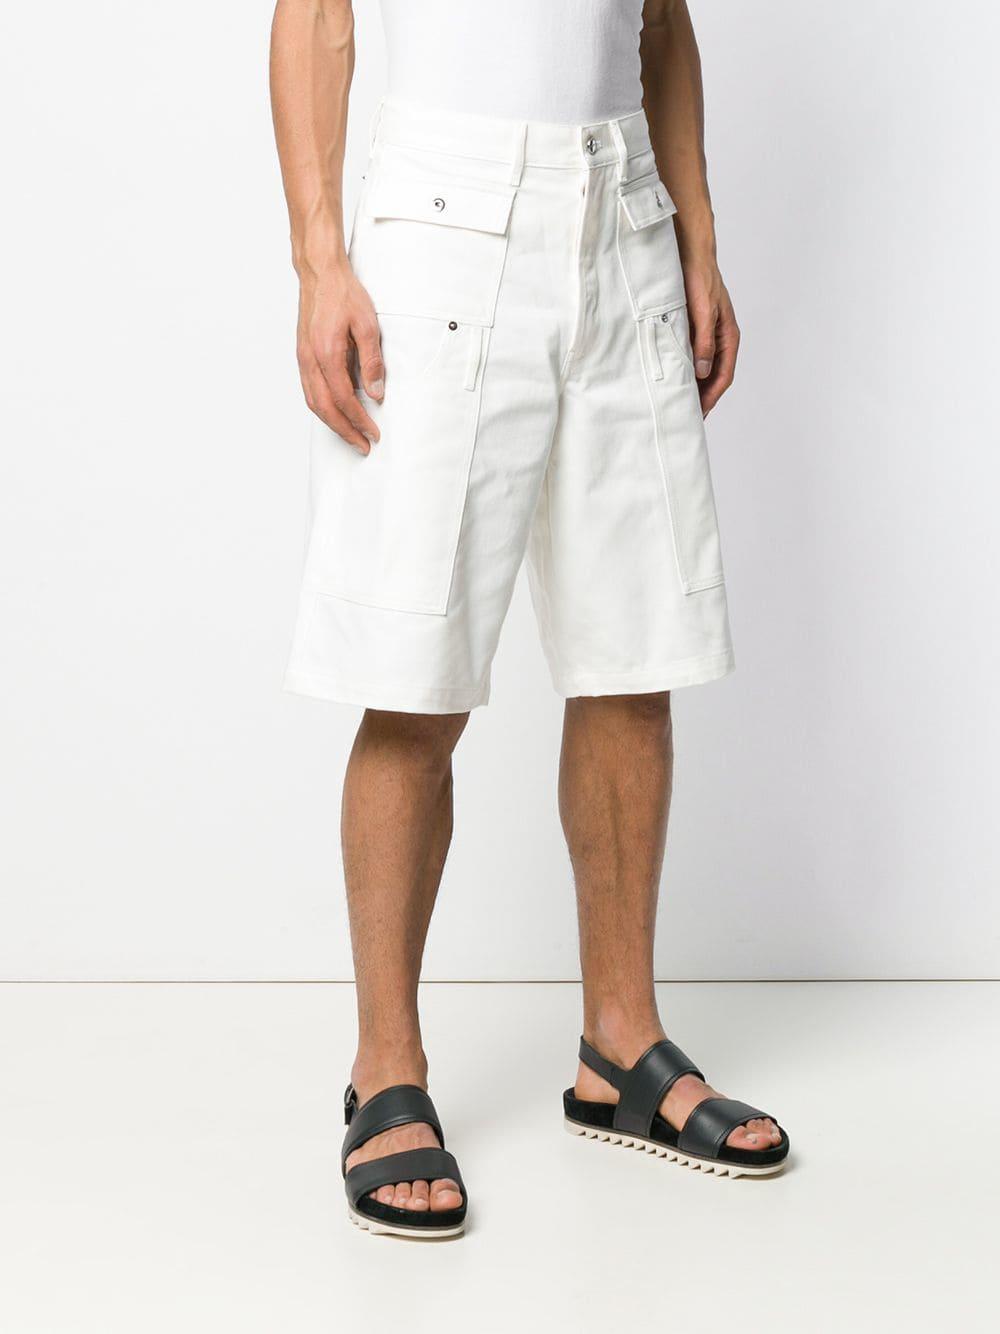 Jacquemus Katoen Bermuda Shorts Met Opgestikte Zakken in het Wit voor heren